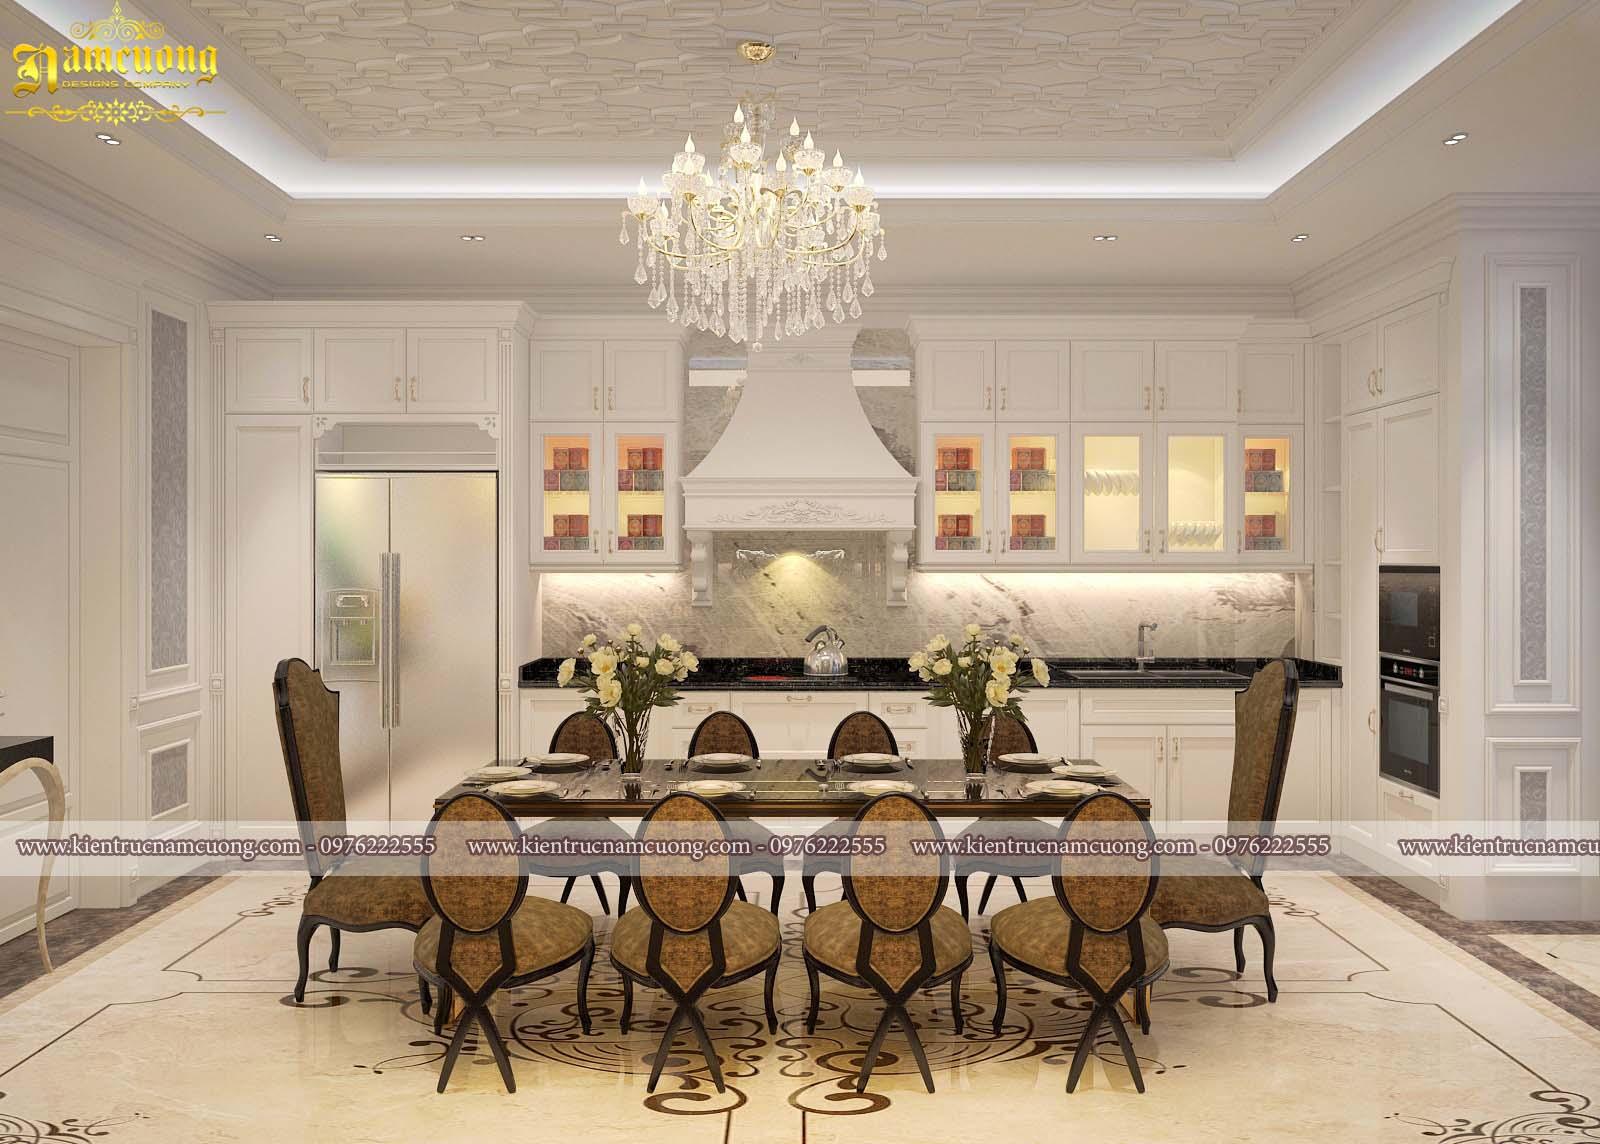 Thiết kế phòng bếp cho nhà tân cổ điển tại Hải Phòng - NTPBCD 001